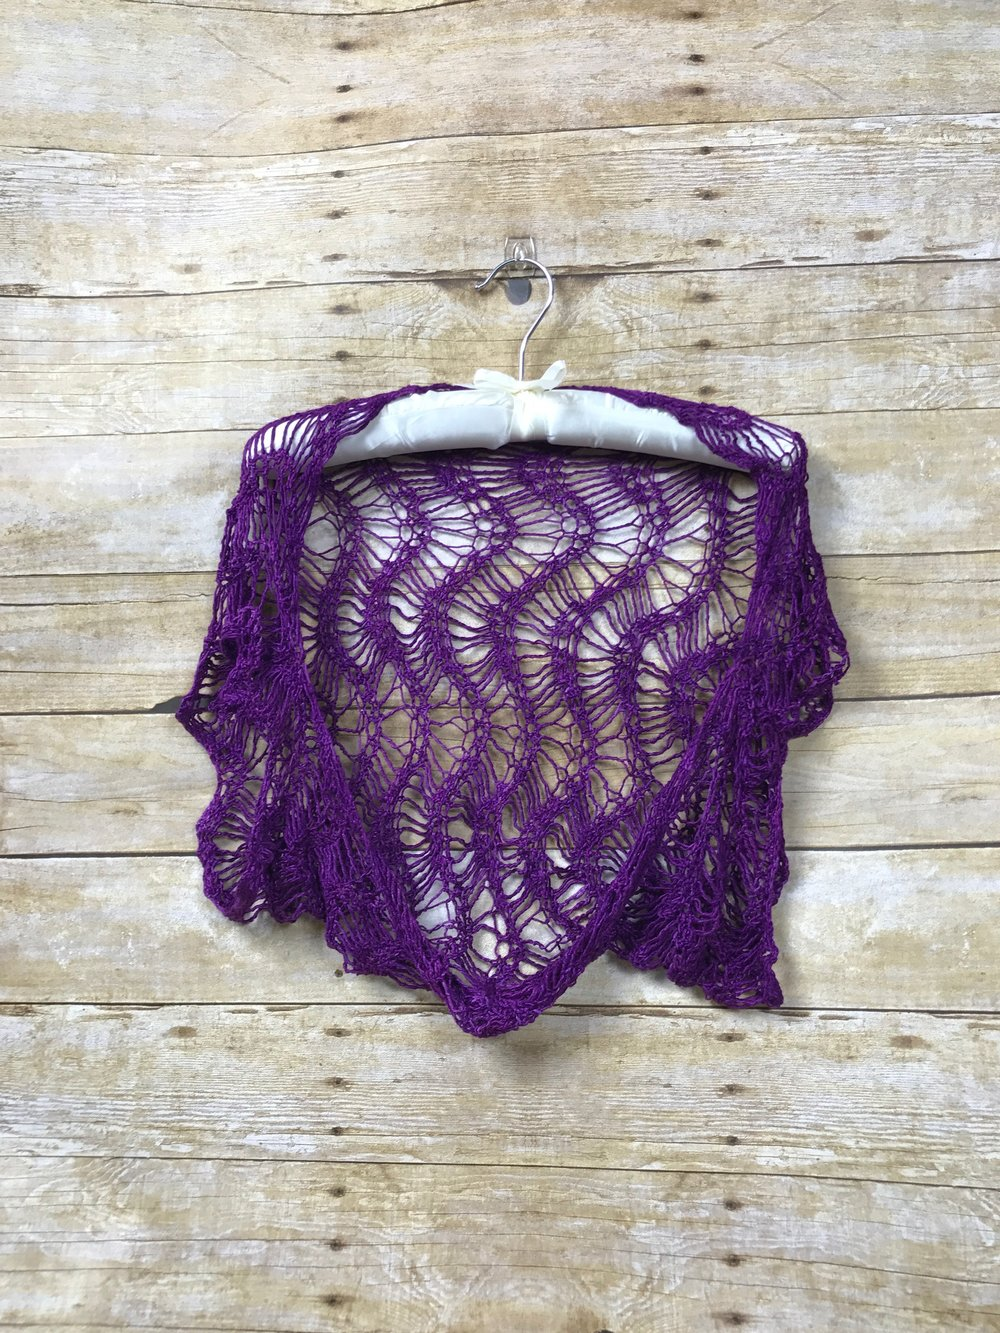 Sporty Skye Knit Lace Shrug Free Pattern — Kristin Omdahl